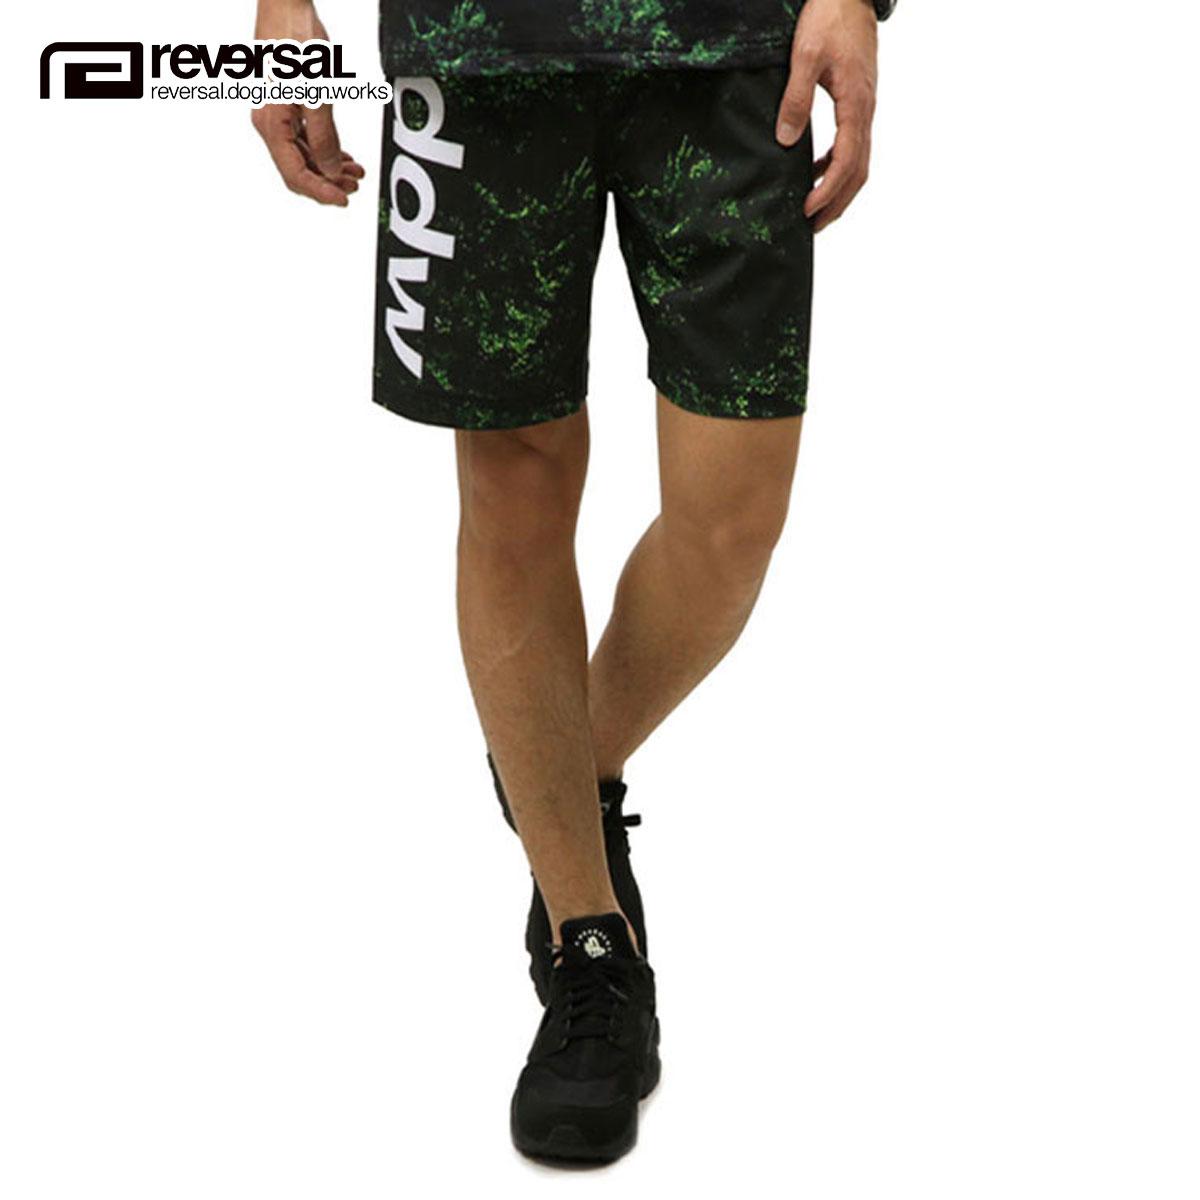 リバーサル REVERSAL 正規販売店 メンズ ショートパンツ BLACK FOREST YGC FIGHT SHORTS rv17ss031 FOREST GREEN